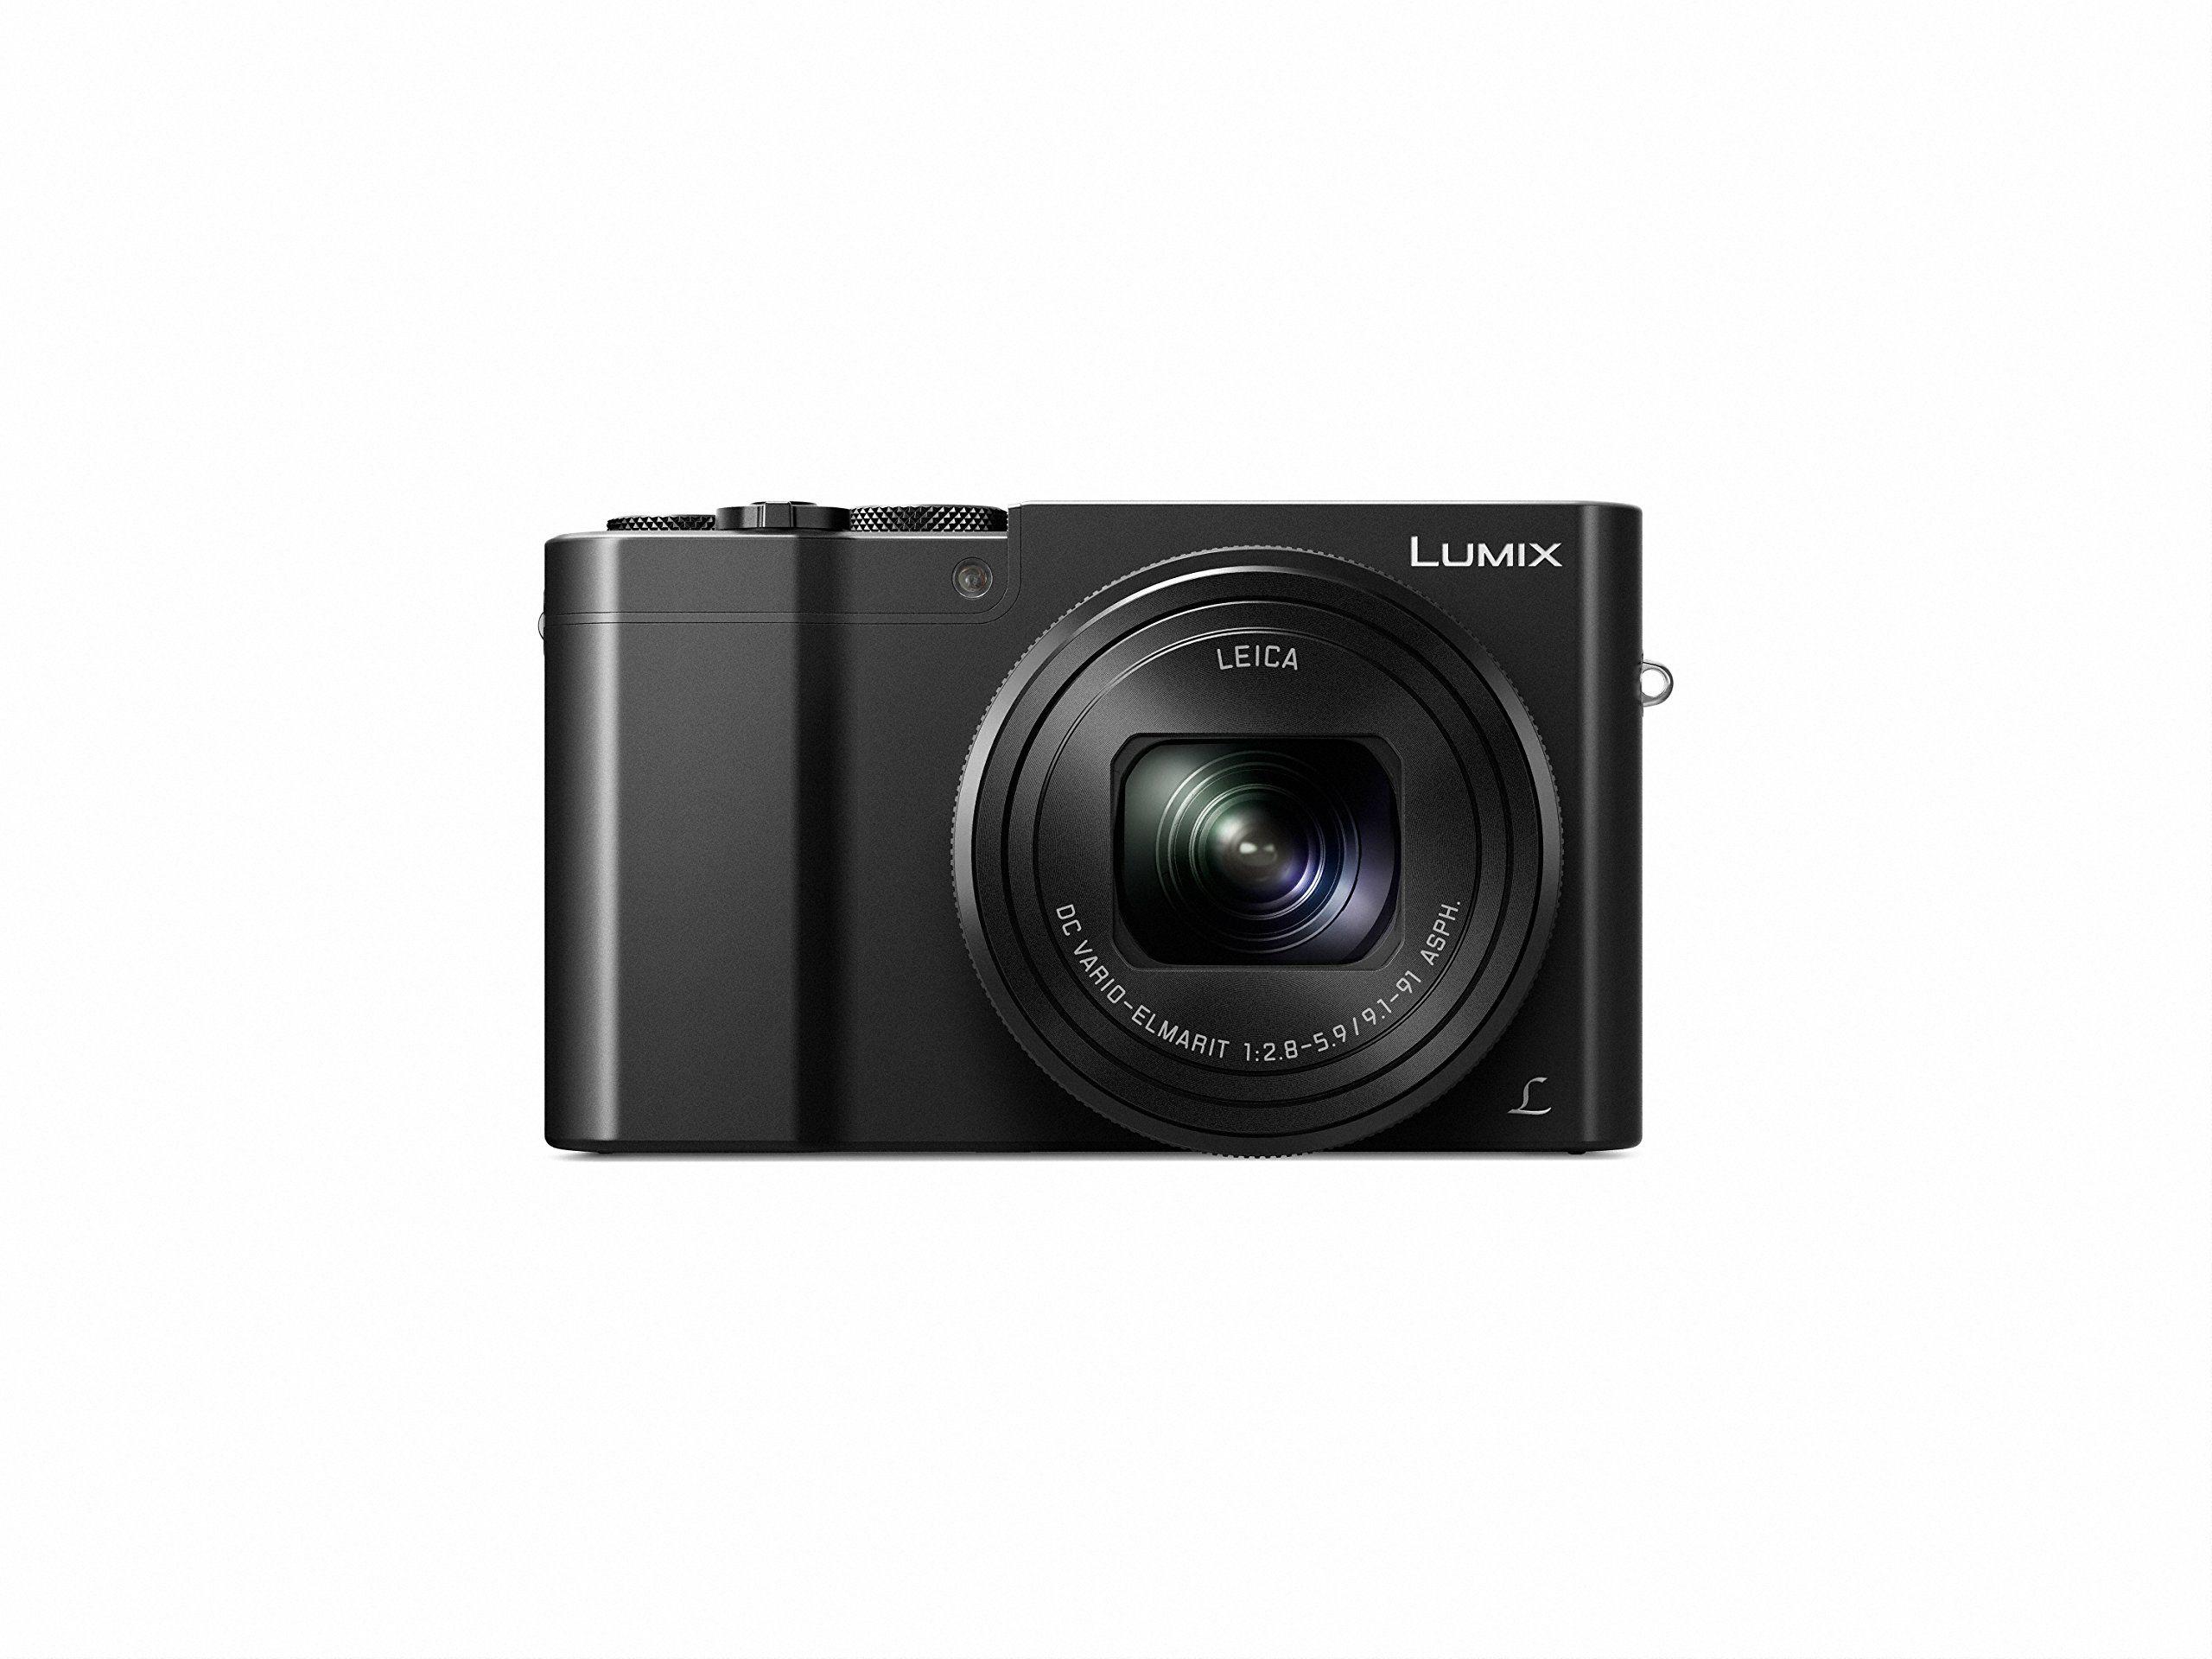 """Panasonic Lumix DMC-TZ101EGK Travelzoom aparat (20,1 megapikseli, 10x zoom optyczny 10x wyświetlacz o przekątnej 7,6 cm (3""""), 4K zdjęcia 30B/s, ostrość pocztowa, wideo 4K25p, wizjer, czarny)"""